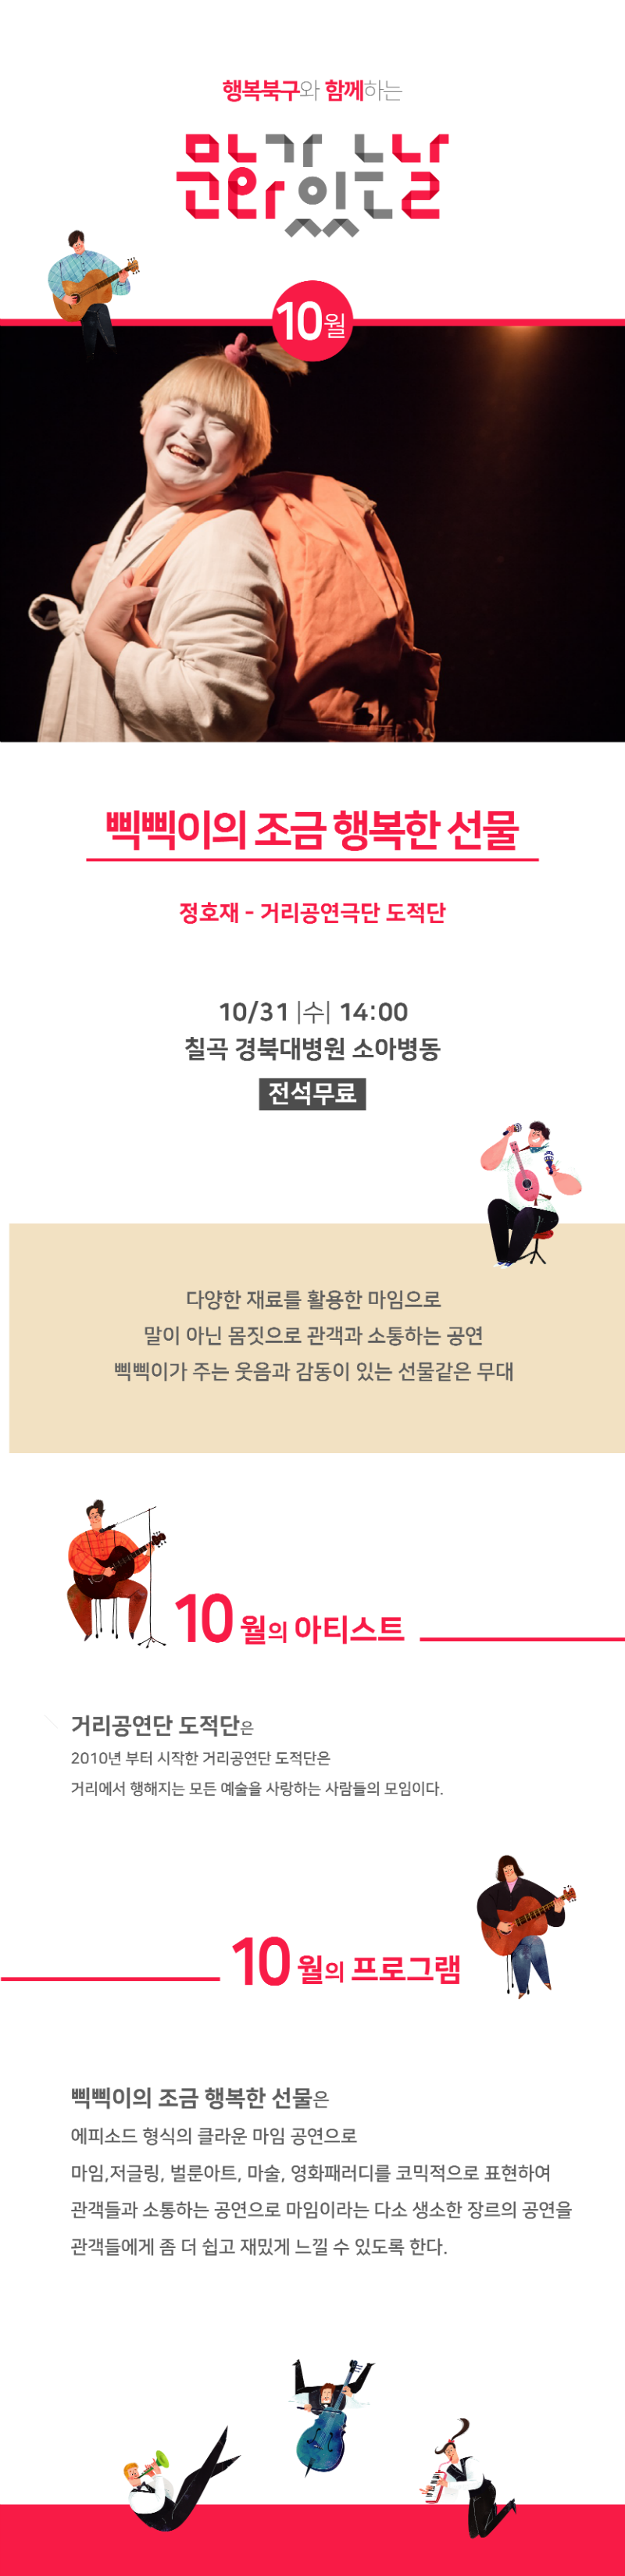 홈페이지_상세(문화가있는날)_10.삑삑이의조금행복한선물(경북대병원)-01.png